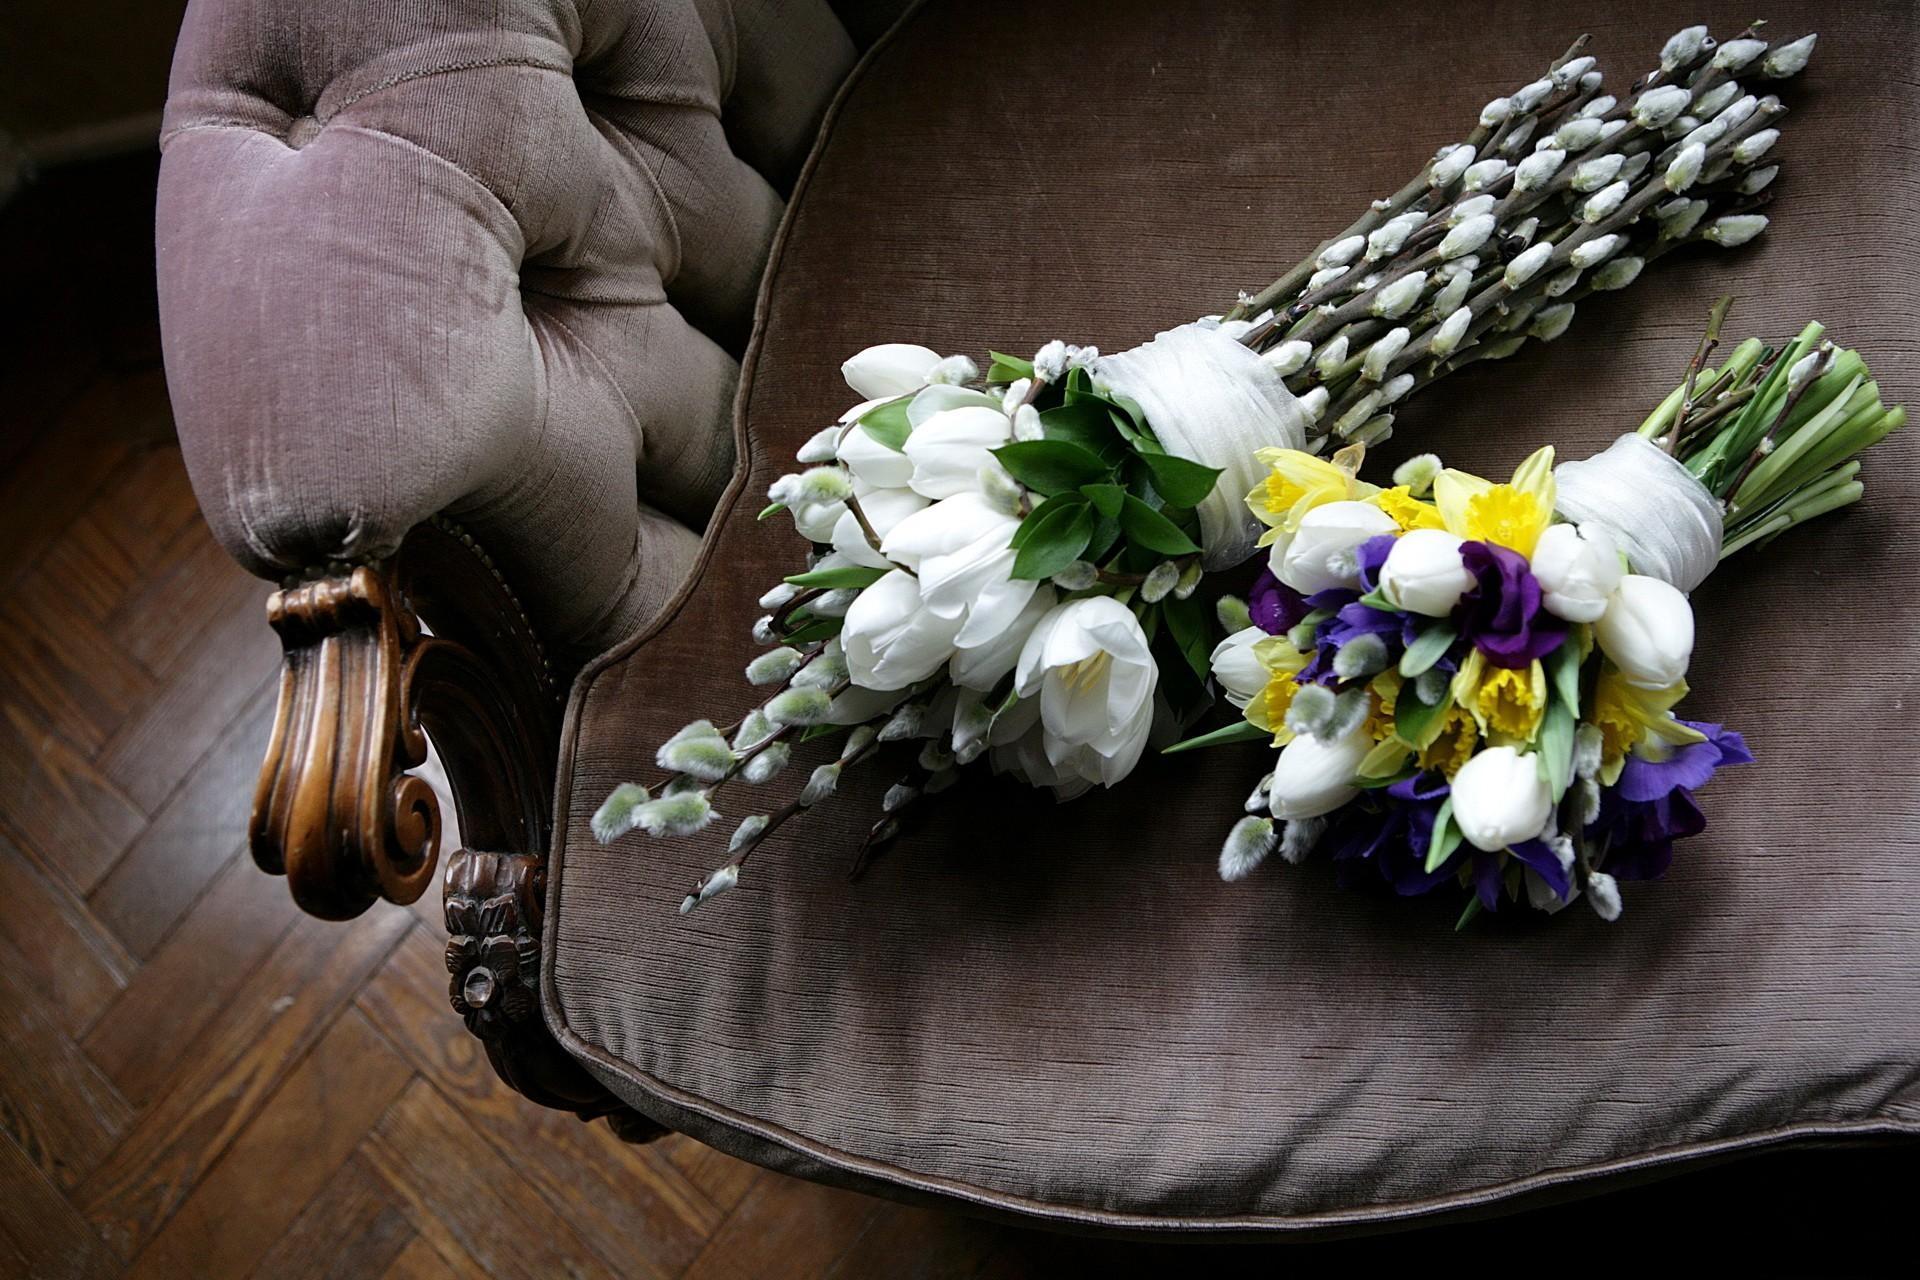 154461 Заставки и Обои Нарциссы на телефон. Скачать Букеты, Цветы, Тюльпаны, Нарциссы, Весна, Верба, Пуфик картинки бесплатно